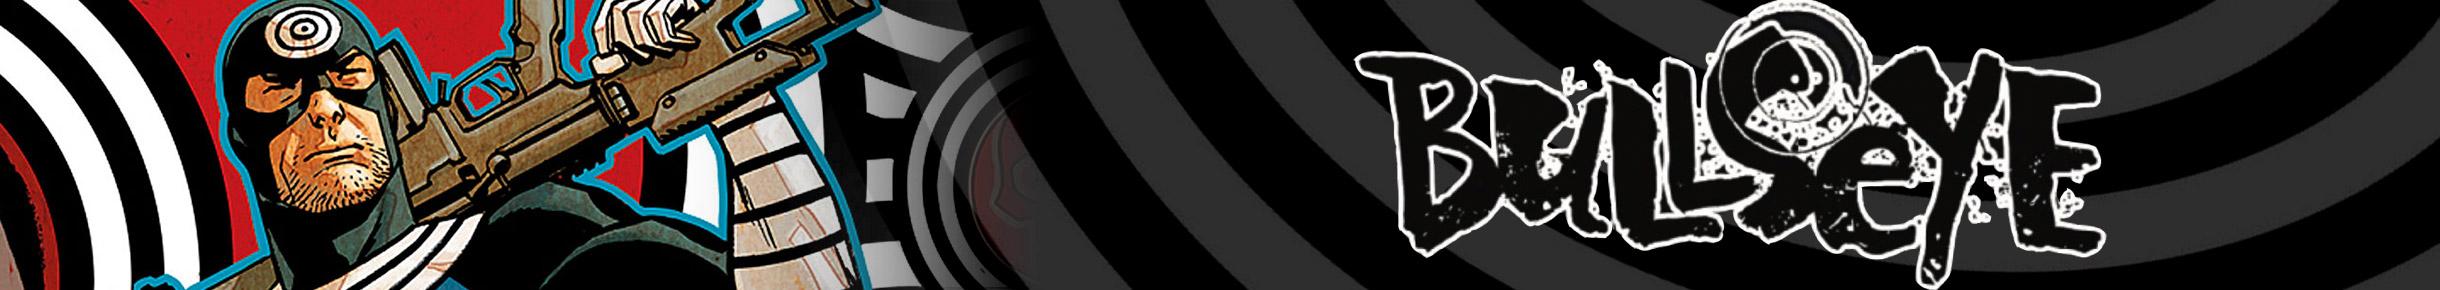 Bullseye Buttons Banner